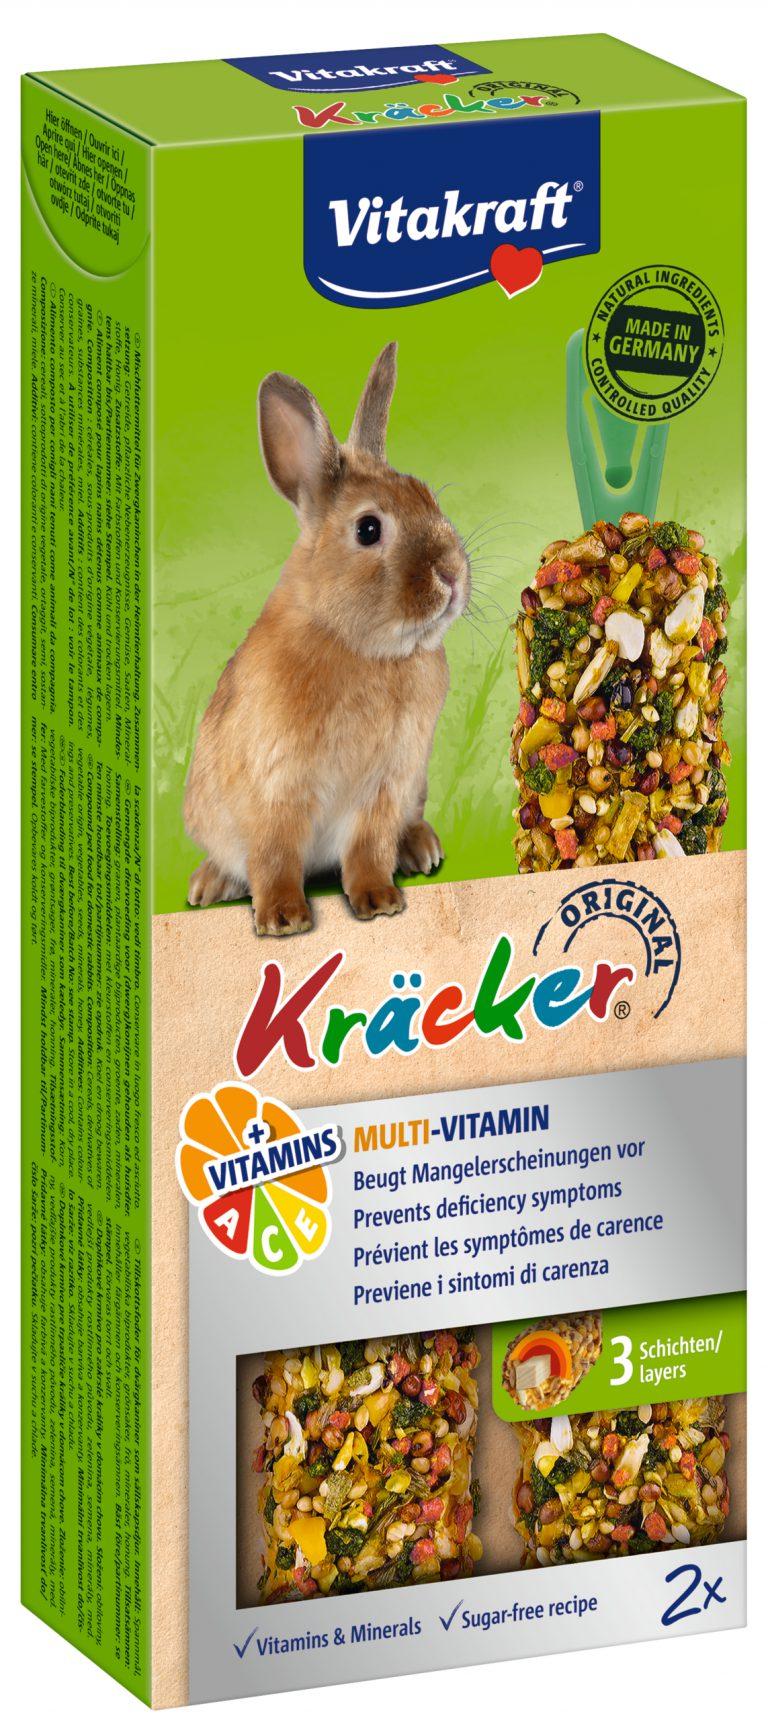 Vitakraft Kracker Konijn Multivitamine